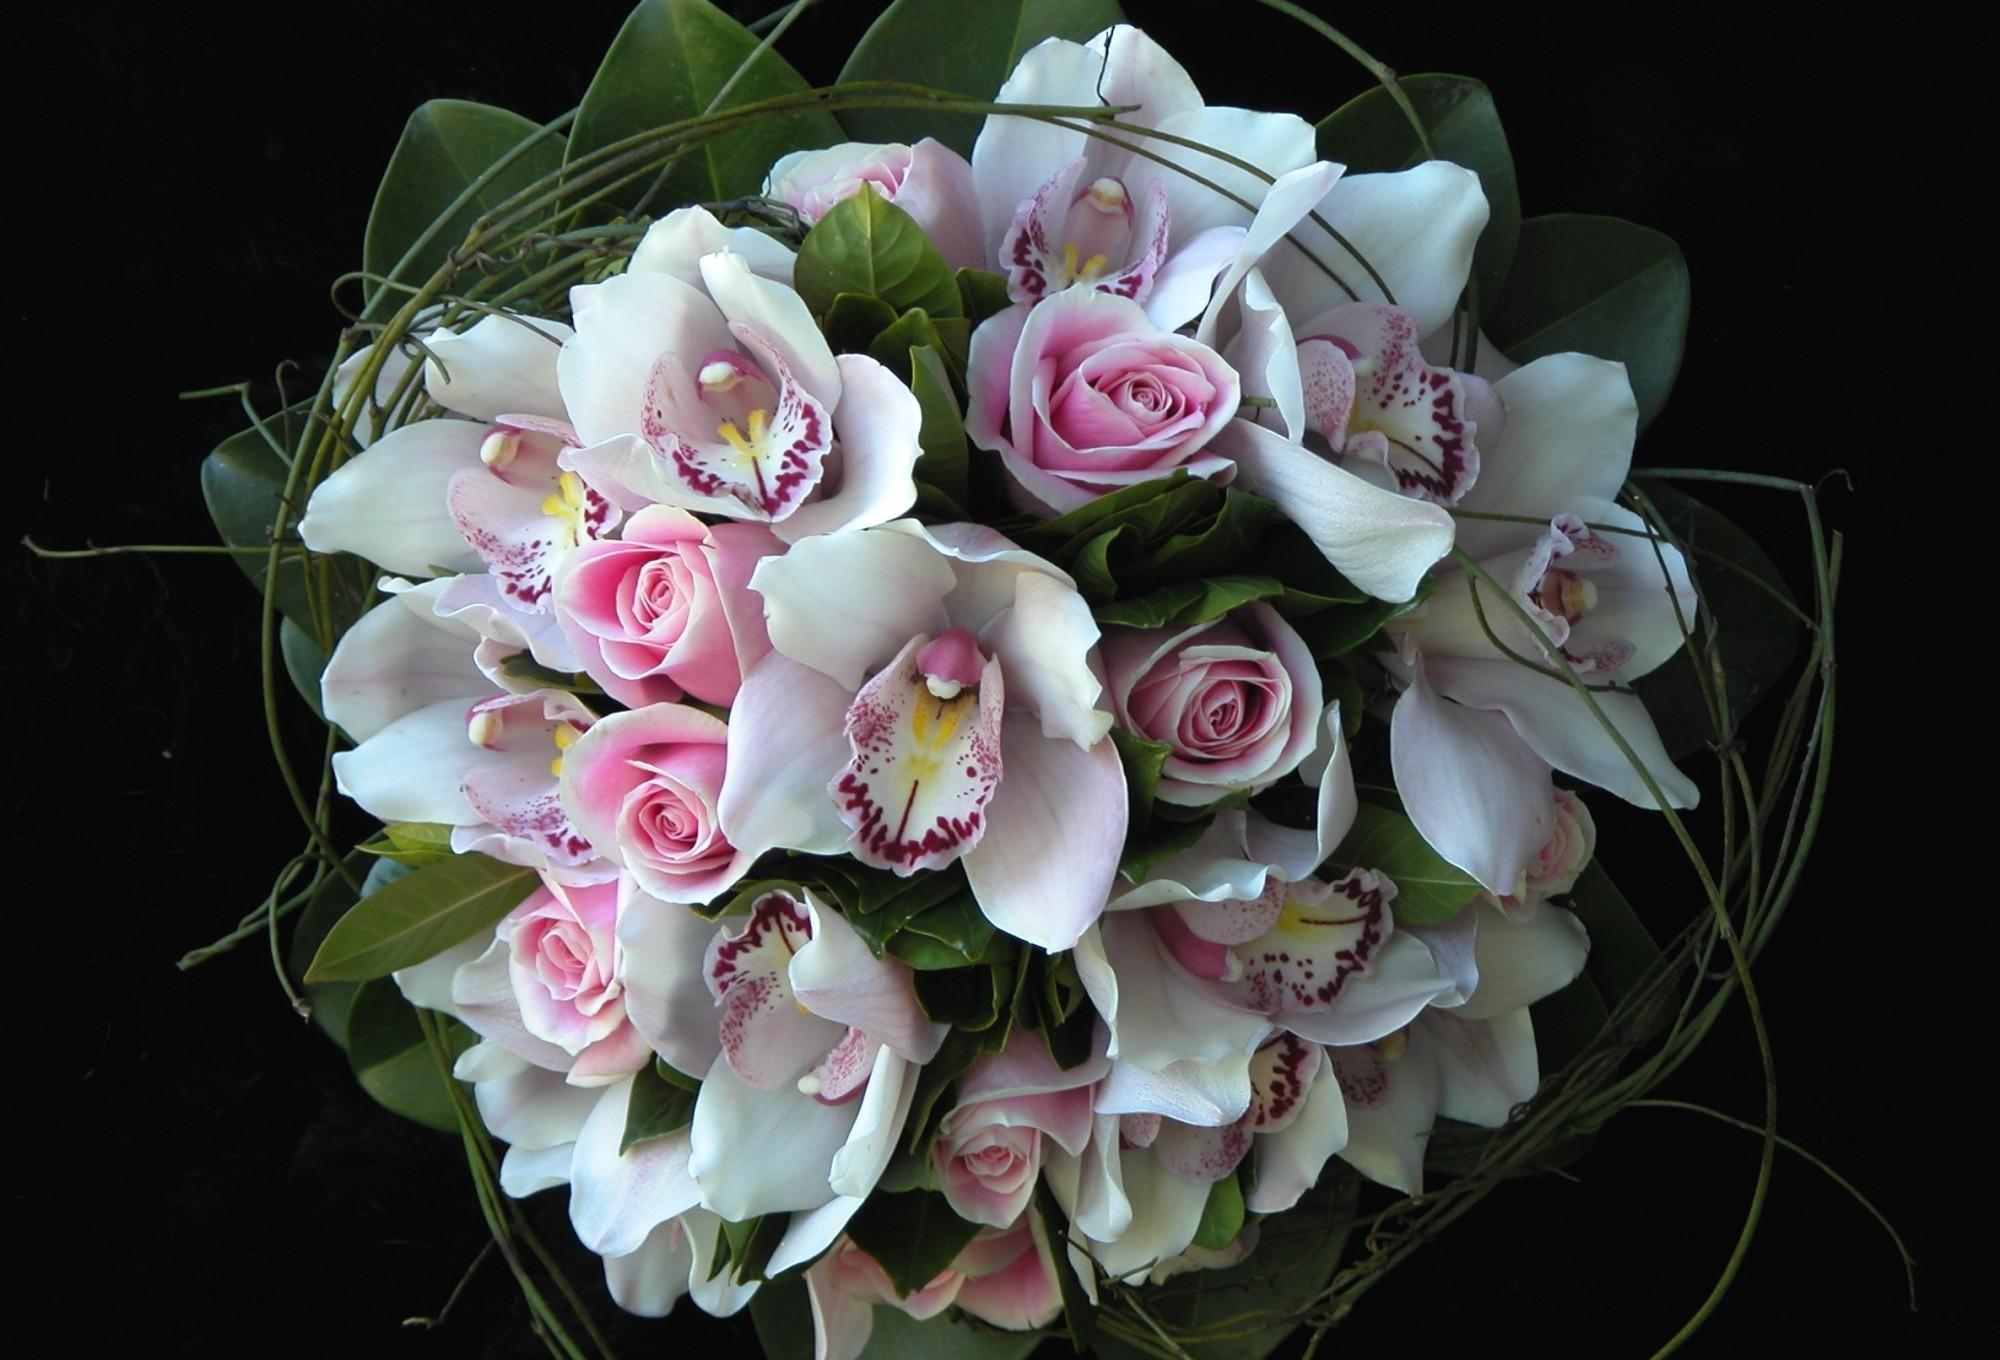 Mazzo Di Fiori Orchidee.Sfondi Orchidee Verde Rosa Mazzi Di Fiori Arte Fiore Flora